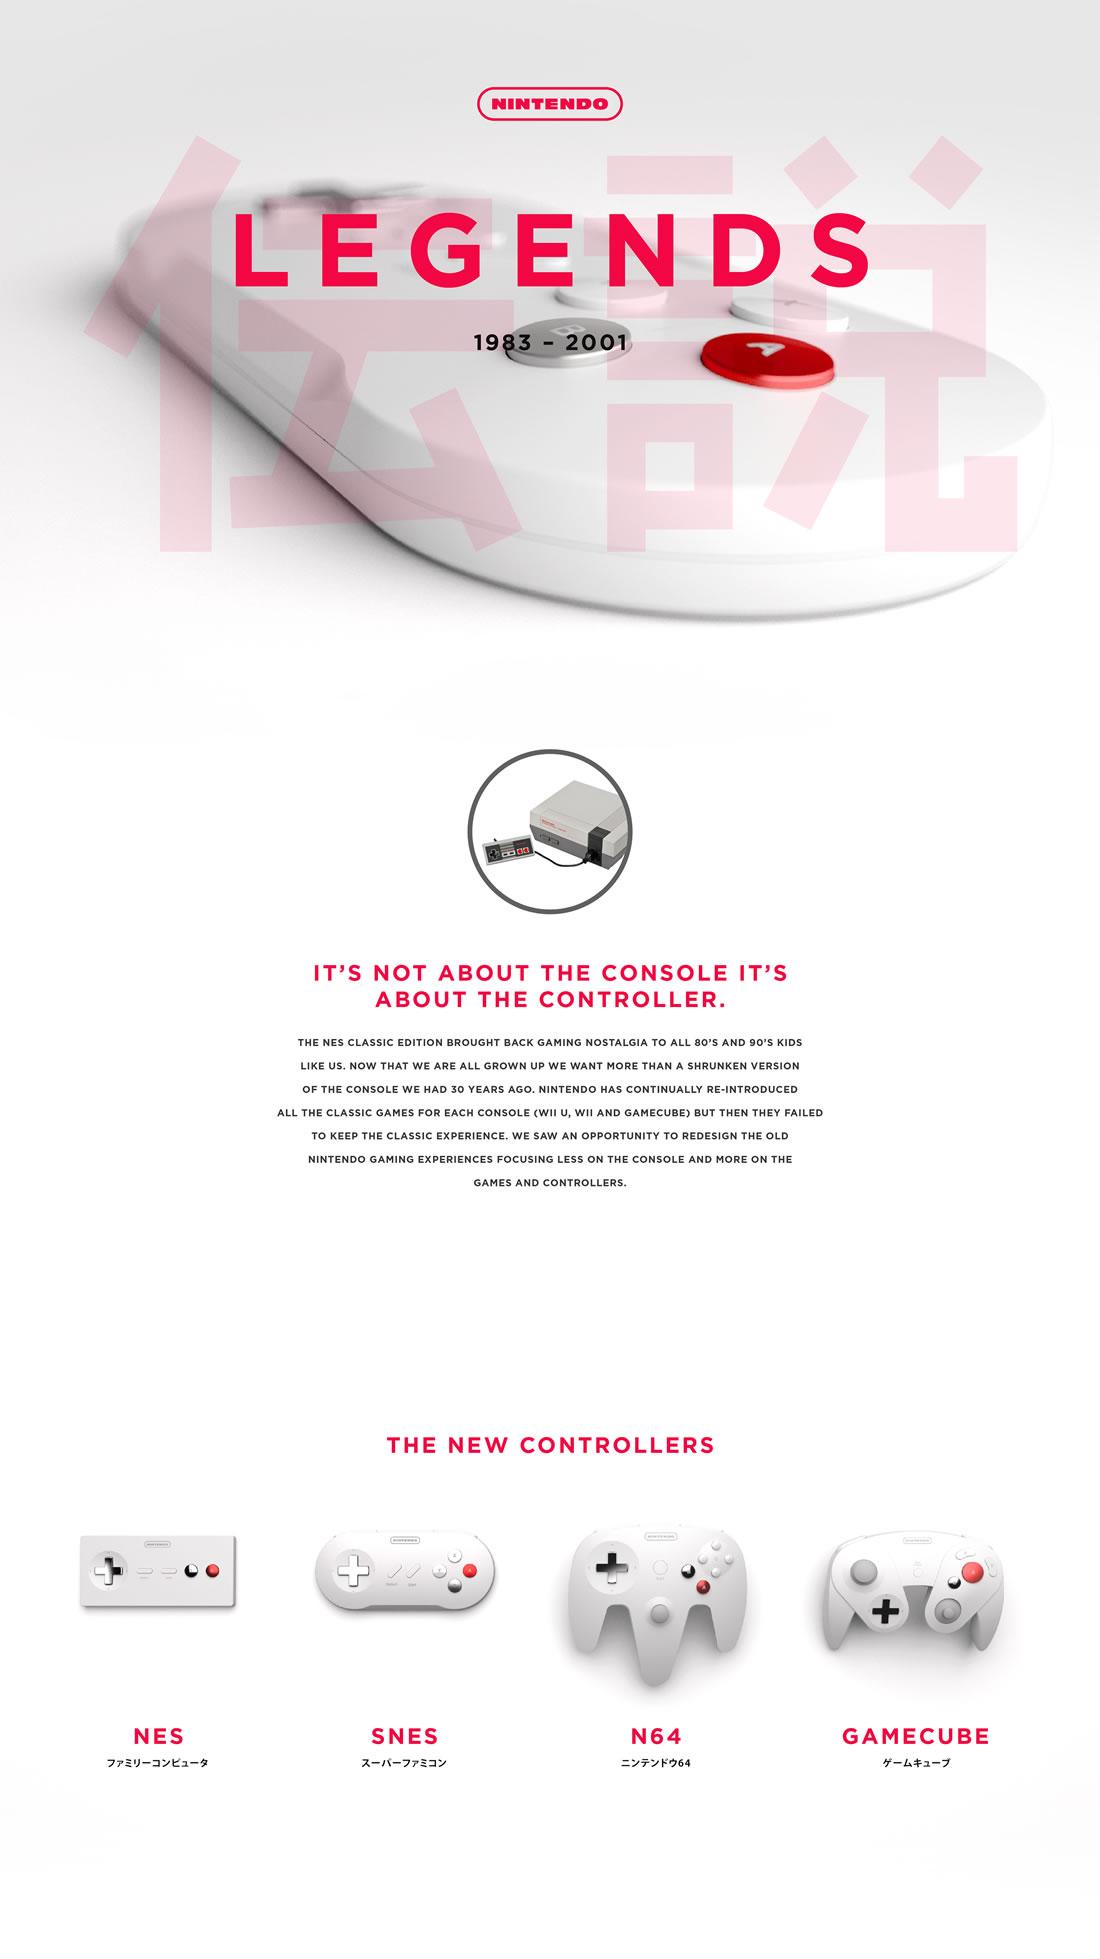 Manettes Nintendo revues minimalistes et design 6